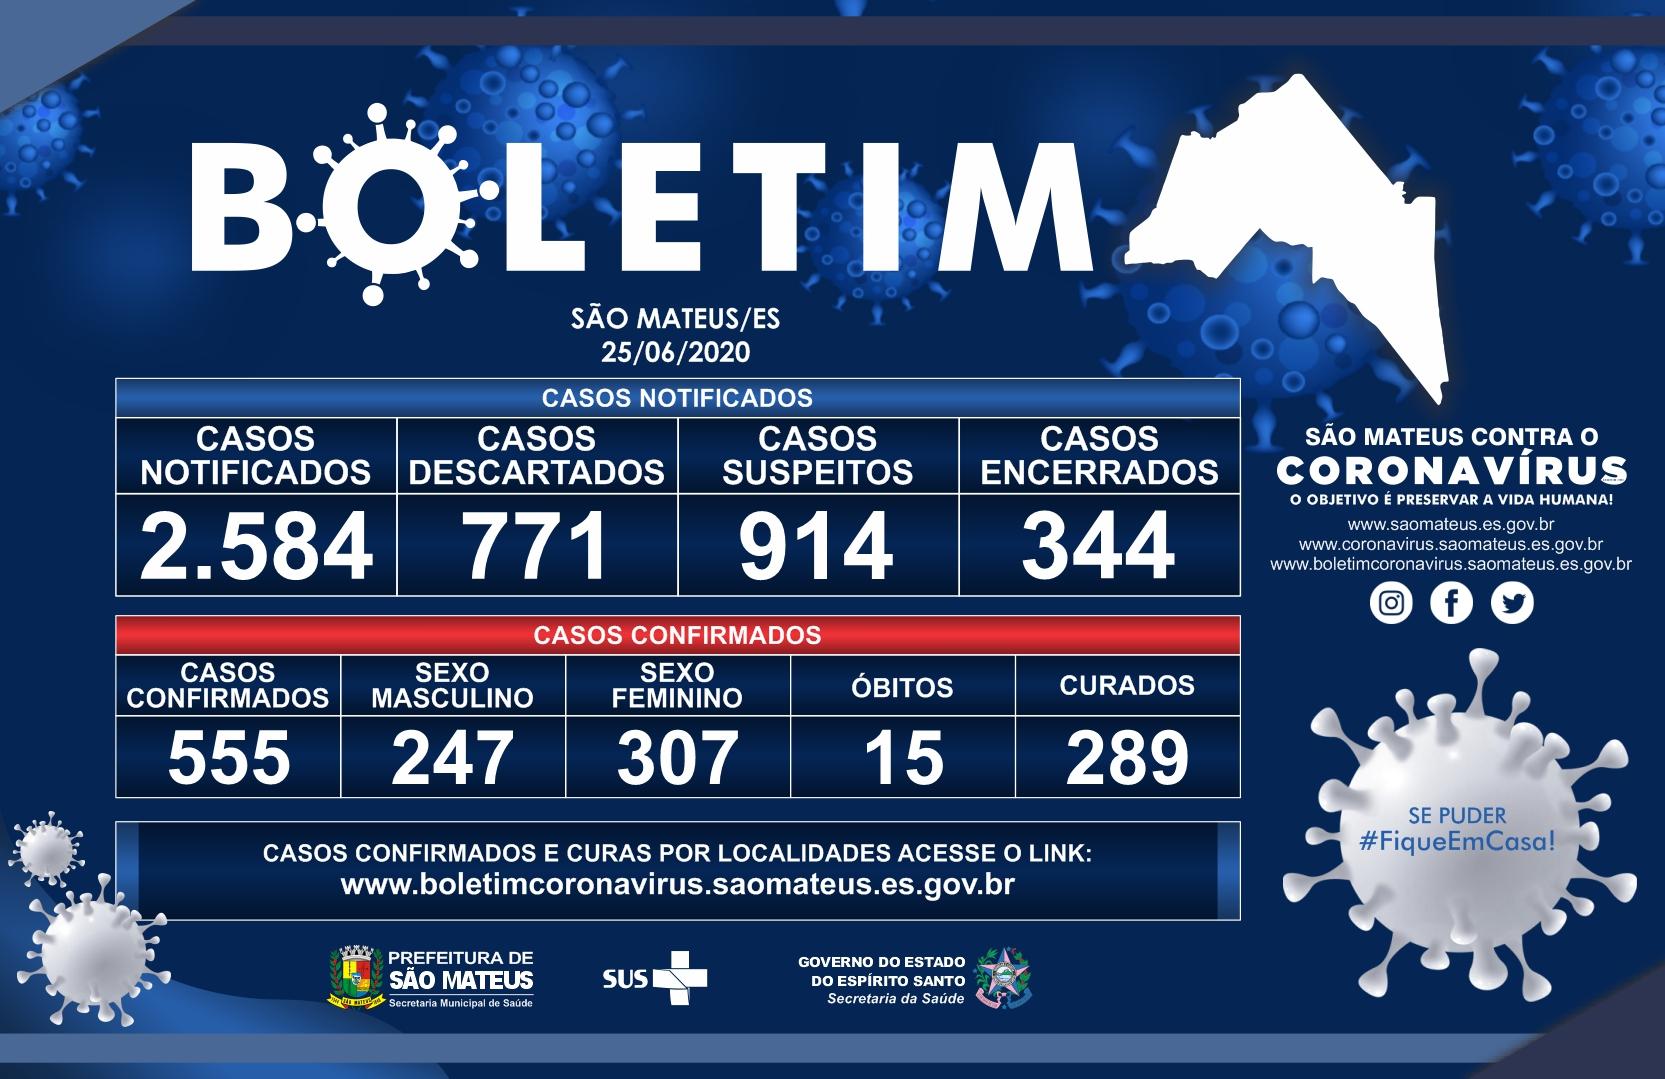 SÃO MATEUS CHEGA A 555 CASOS CONFIRMADOS DE CORONAVÍRUS